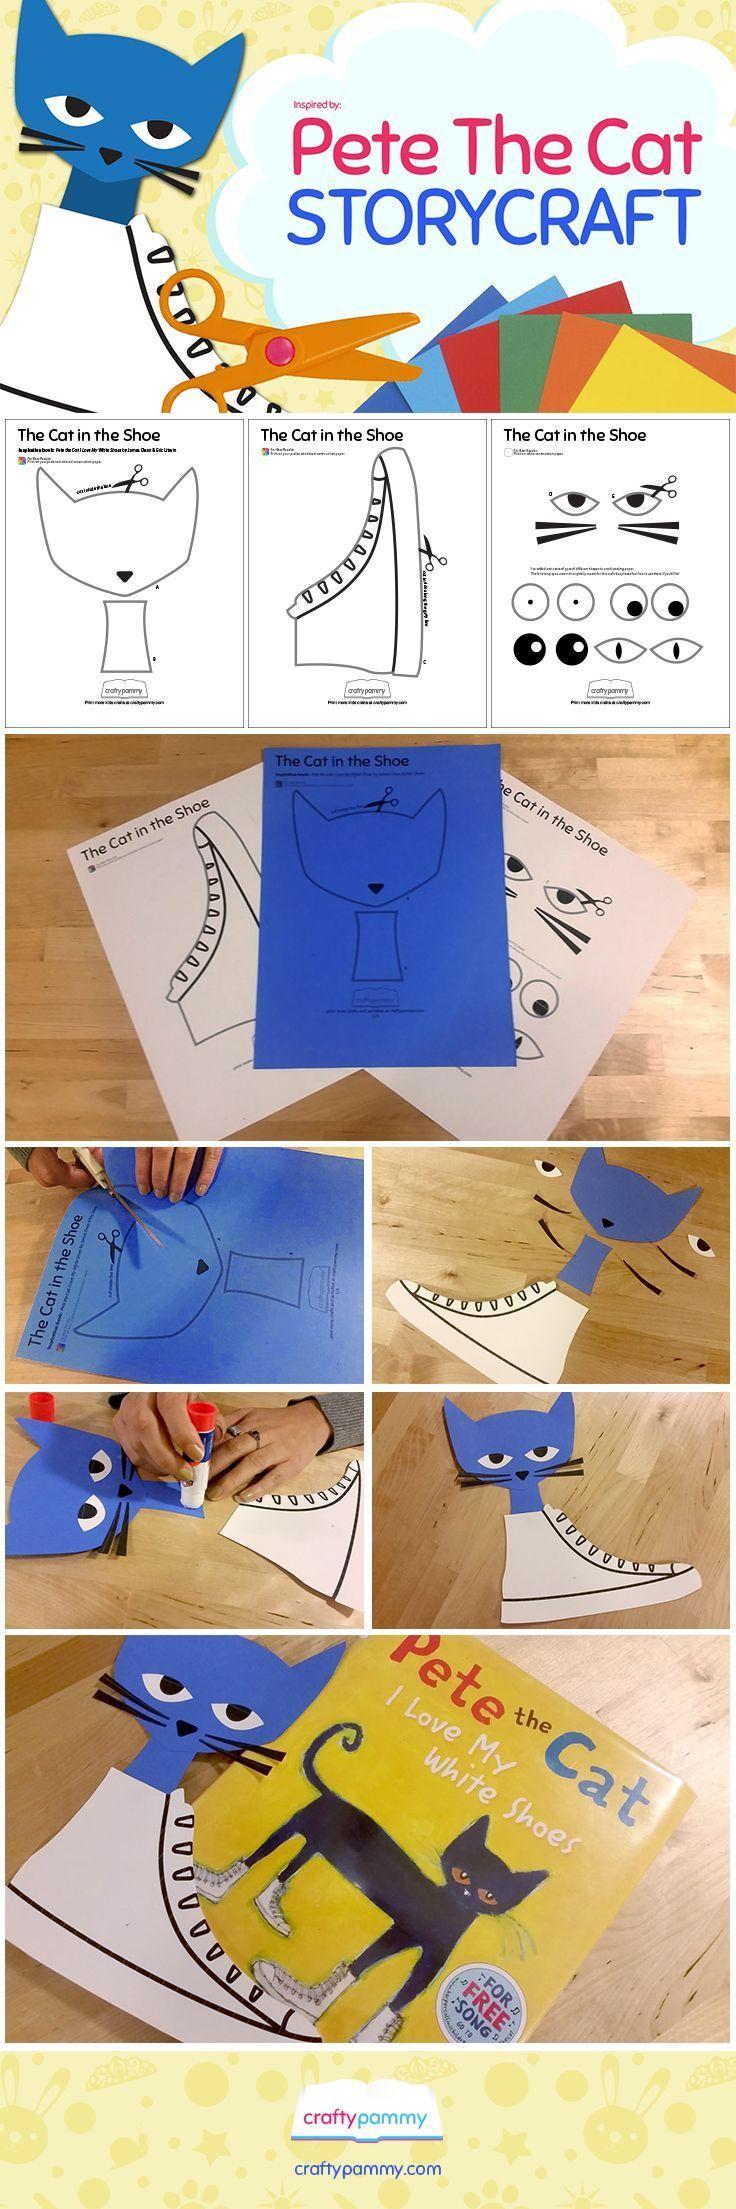 2b8250f404aa2d1dd467859a715e3cc8--james-dean-pictures-preschool-books